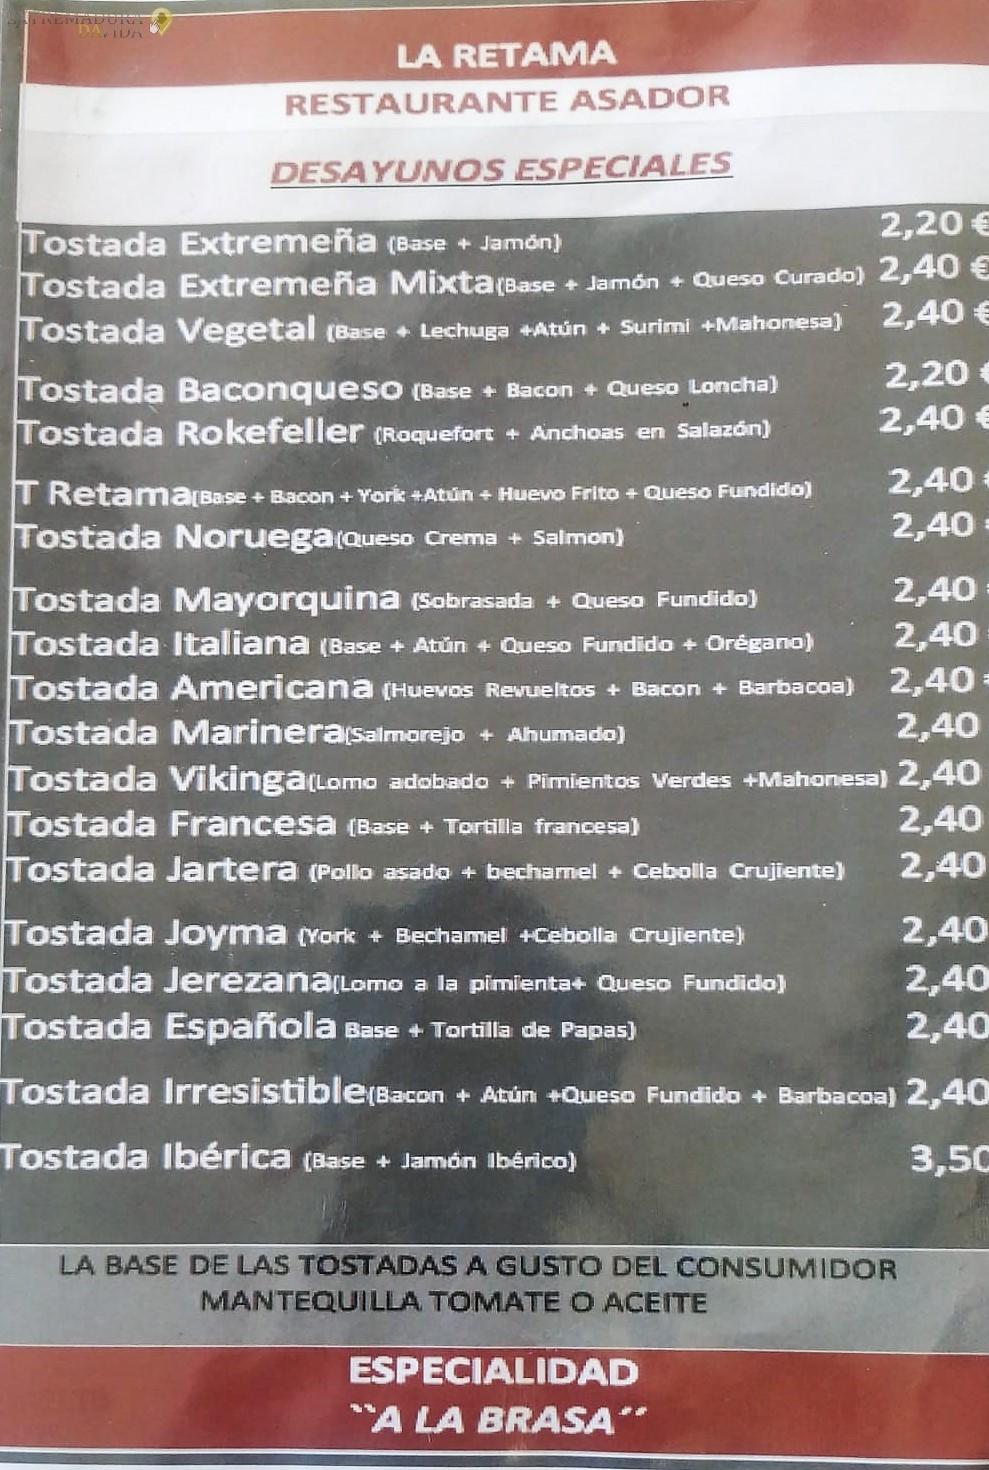 Restaurante Asador en Almendralejo La Retama